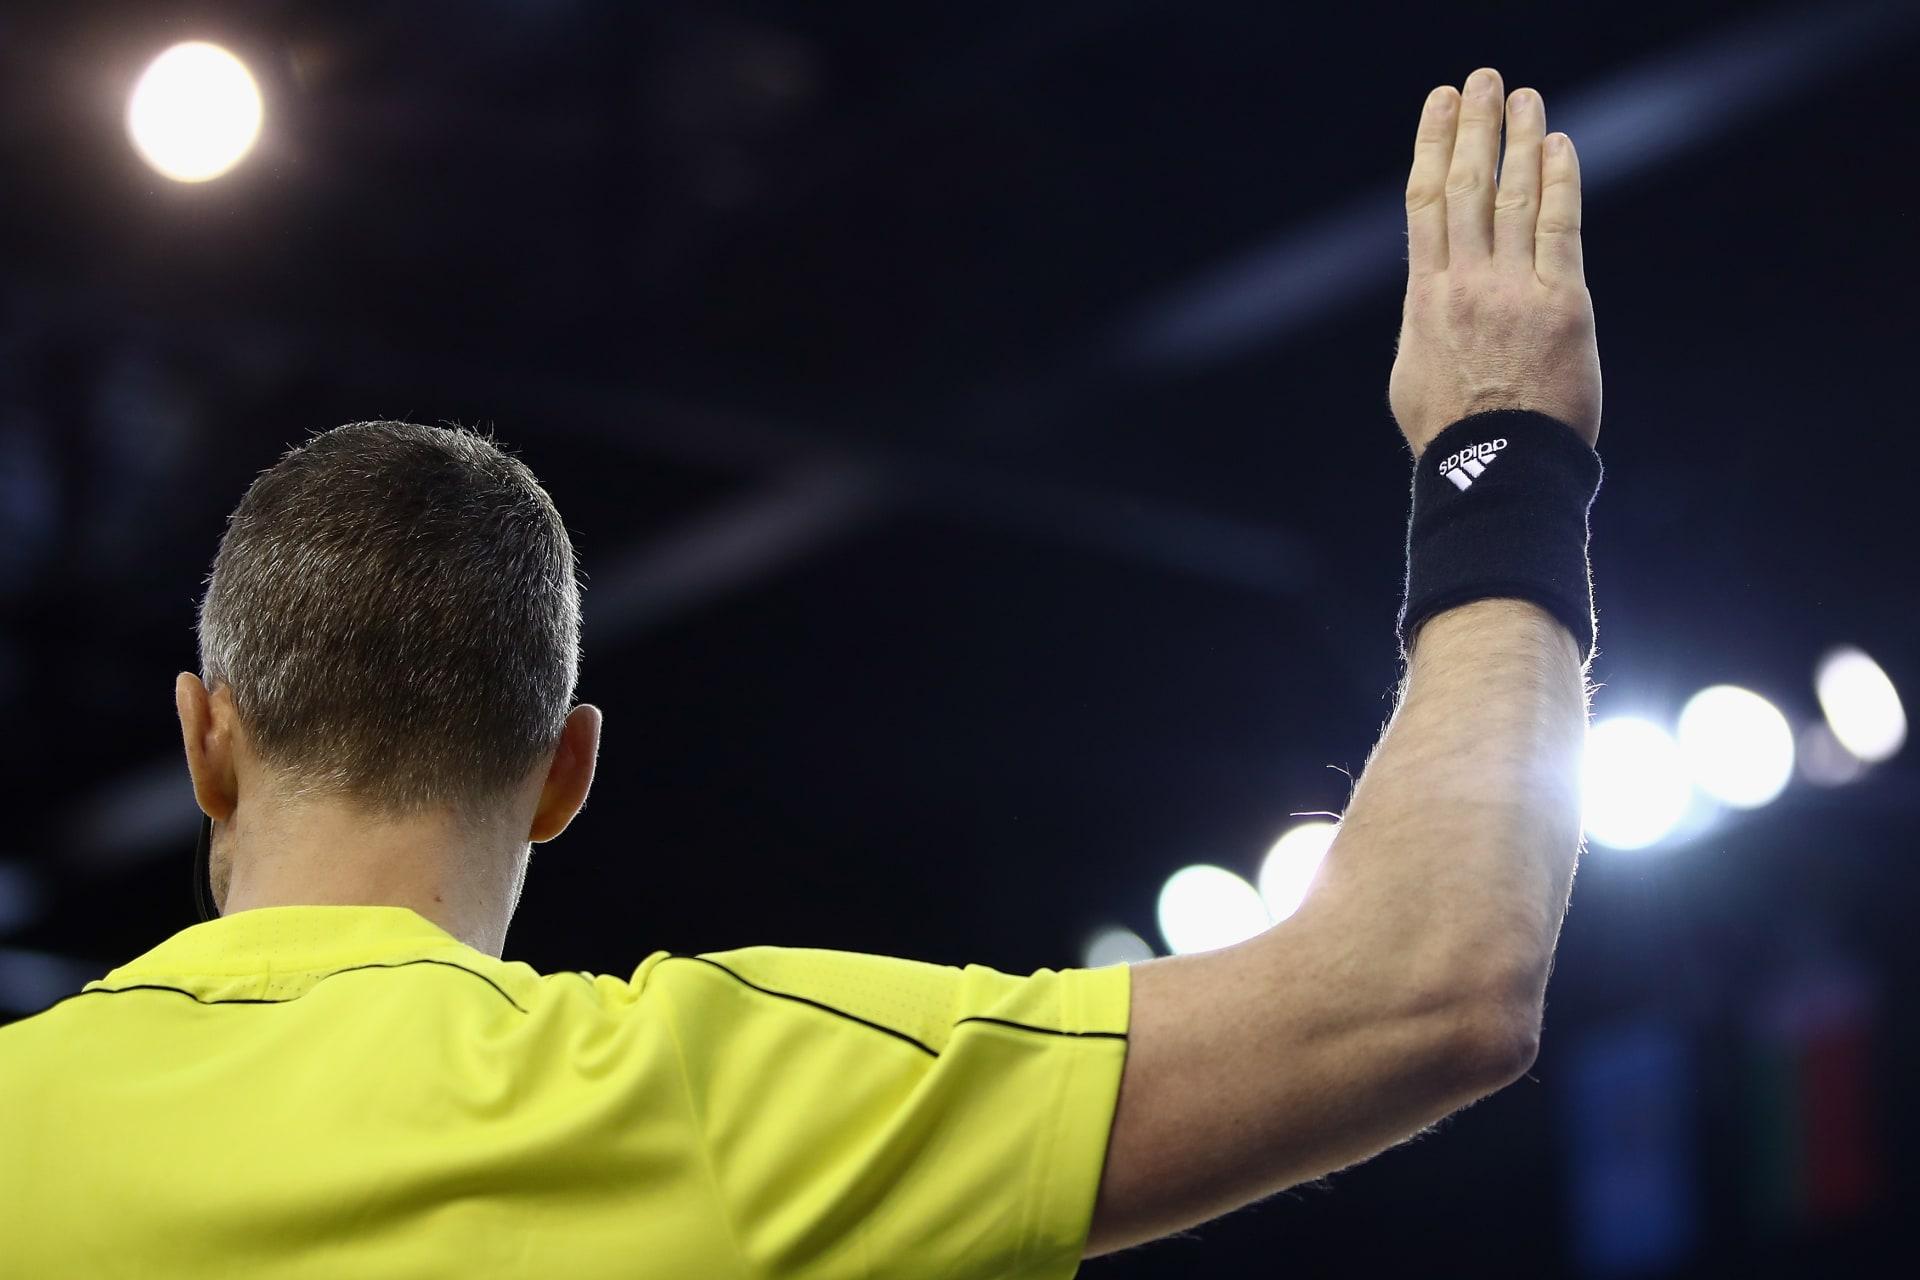 إعادة مباراة في دوري الأمير محمد بن سلمان بسبب خطأ تحكيمي